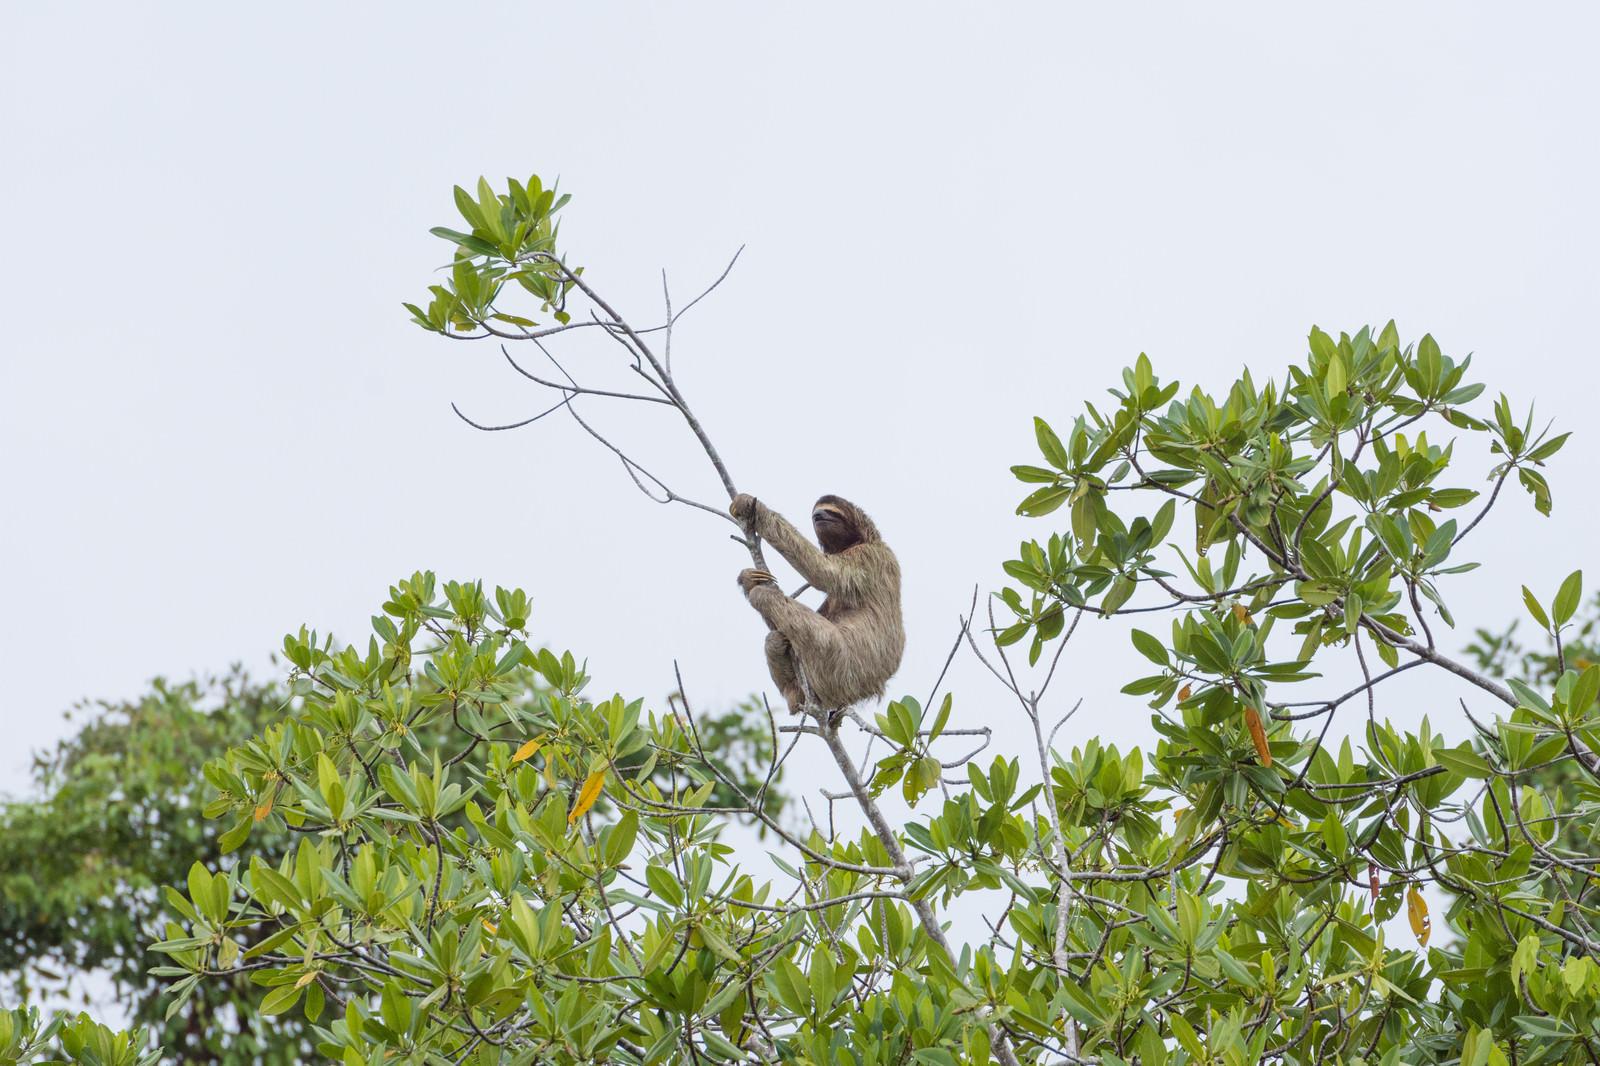 「木にぶら下がるナマケモノ」の写真